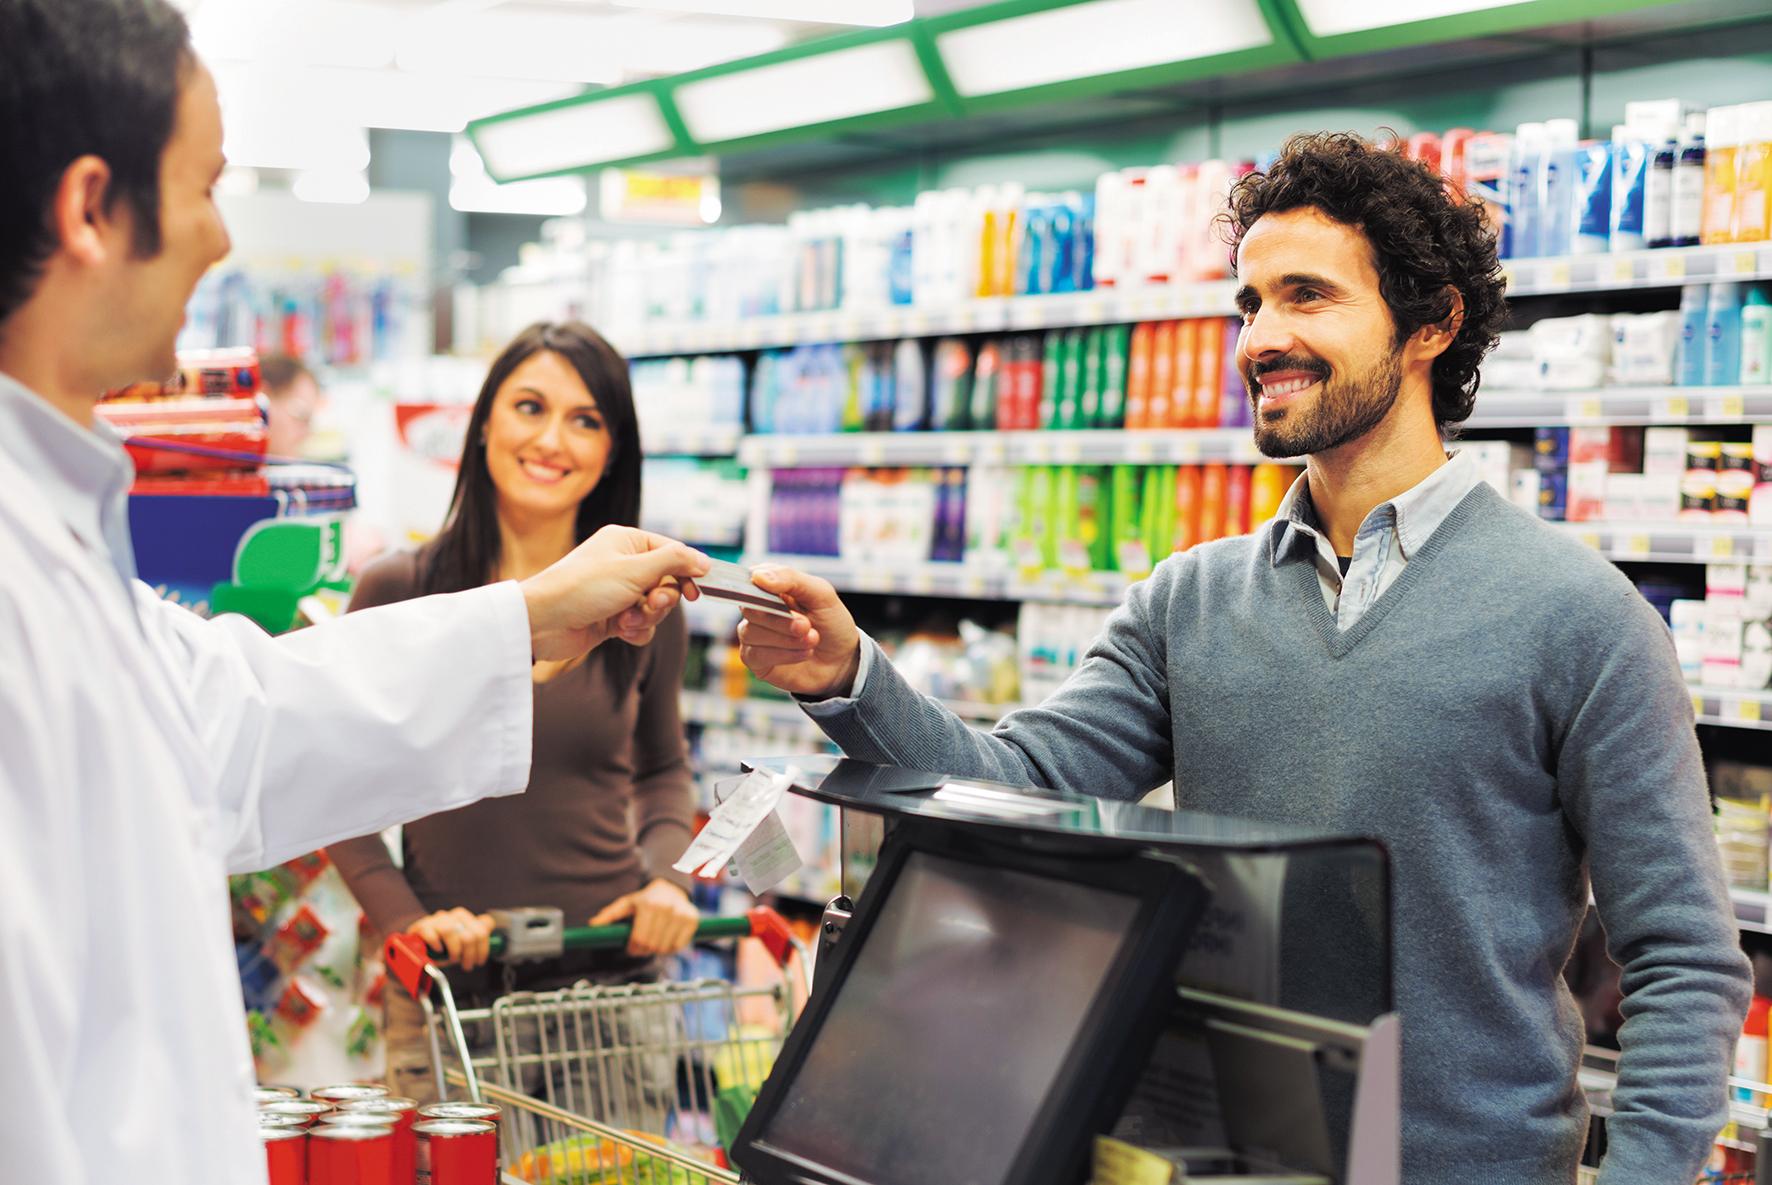 Manejo eficiente de las tarjetas de crédito